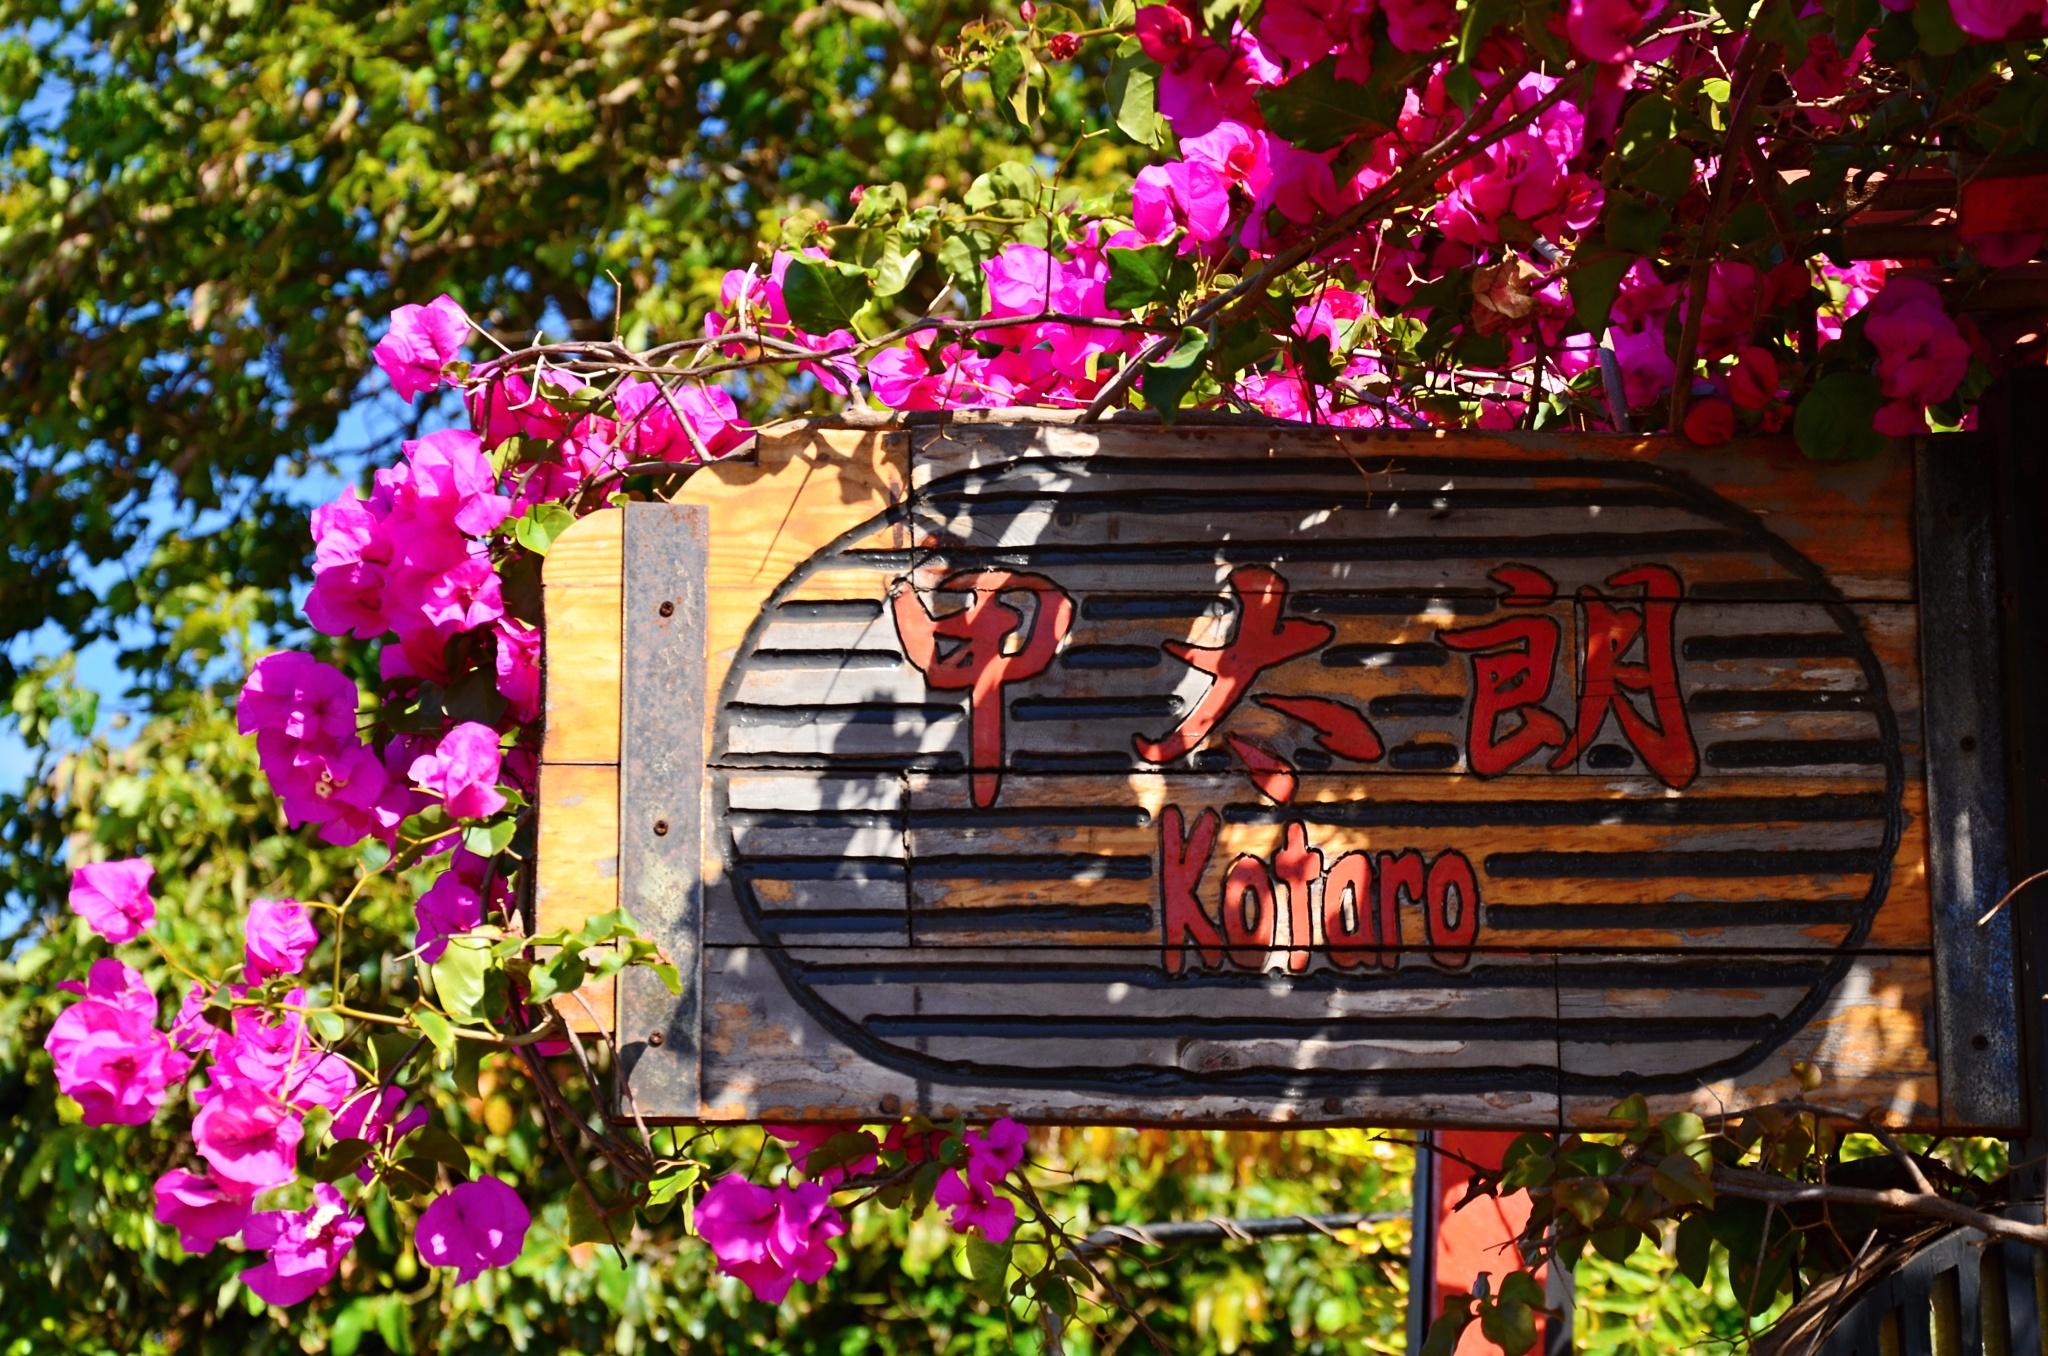 Restaurace Kotaro v denním slunečném světle